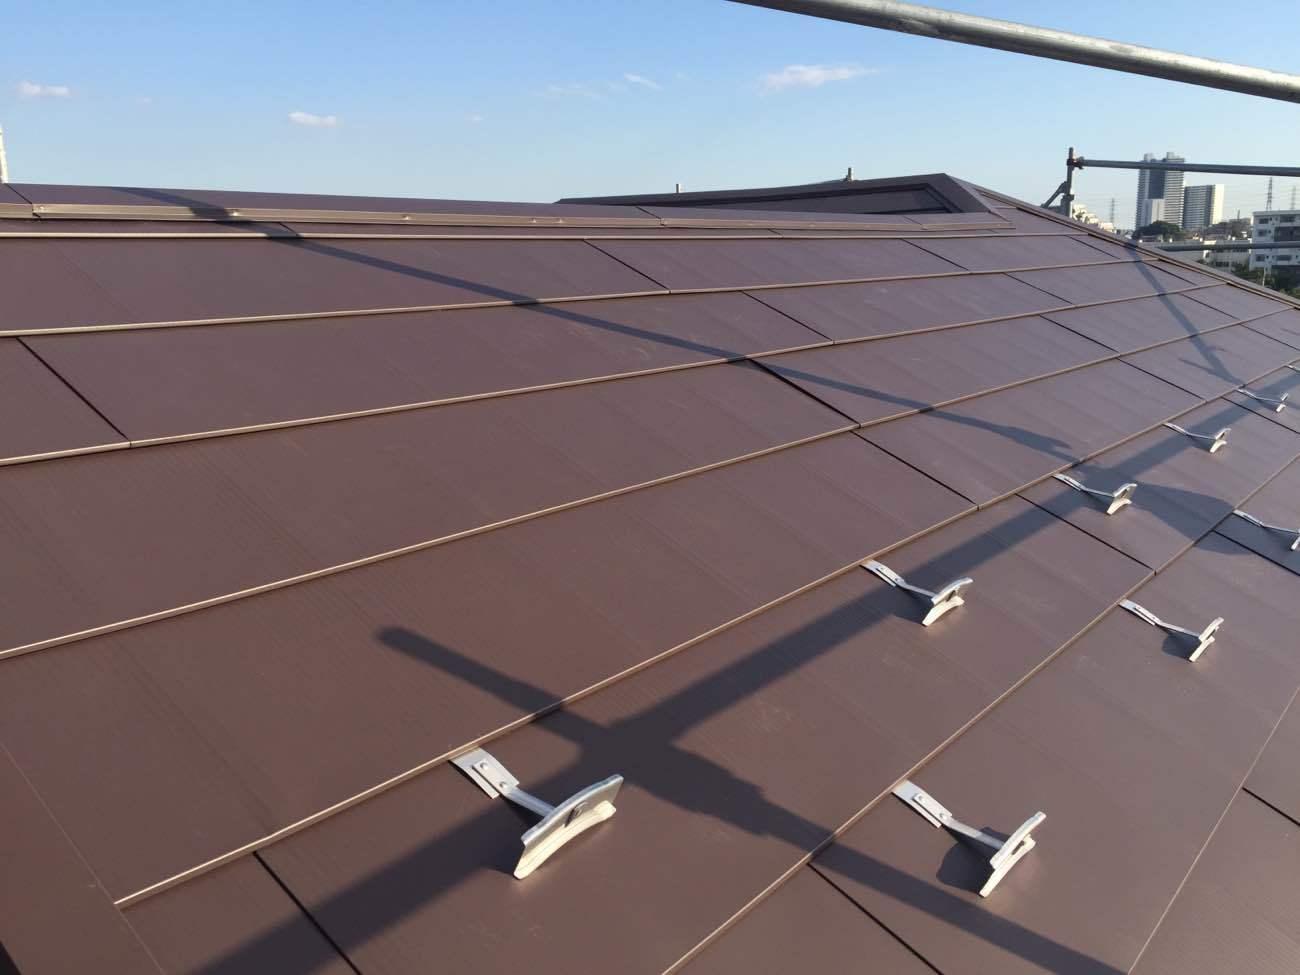 屋根カバー工法とは:塗装・葺き替えとの比較で見るメリットと注意点